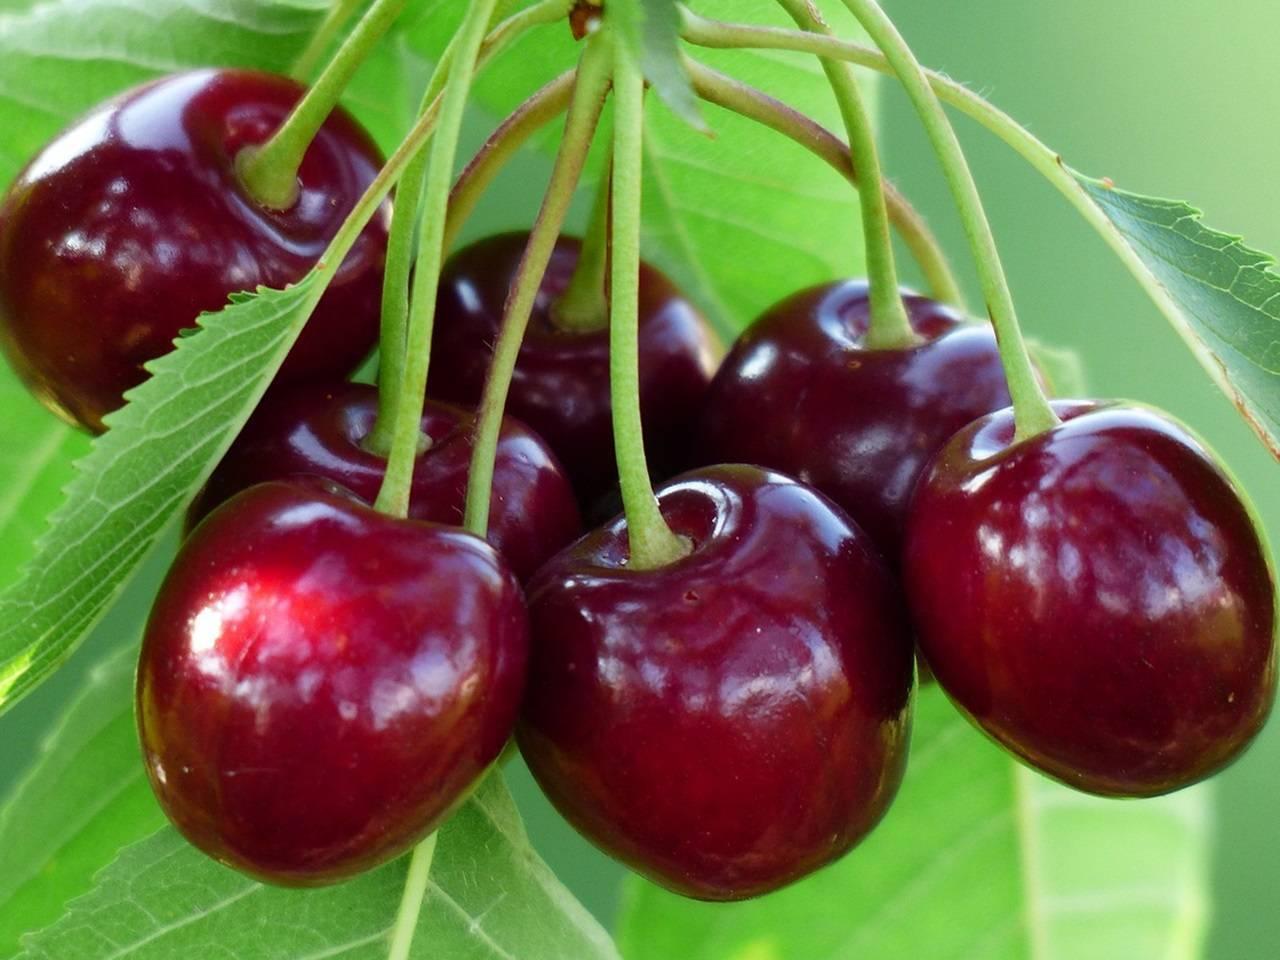 15 лучших сортов вишни для средней полосы россии